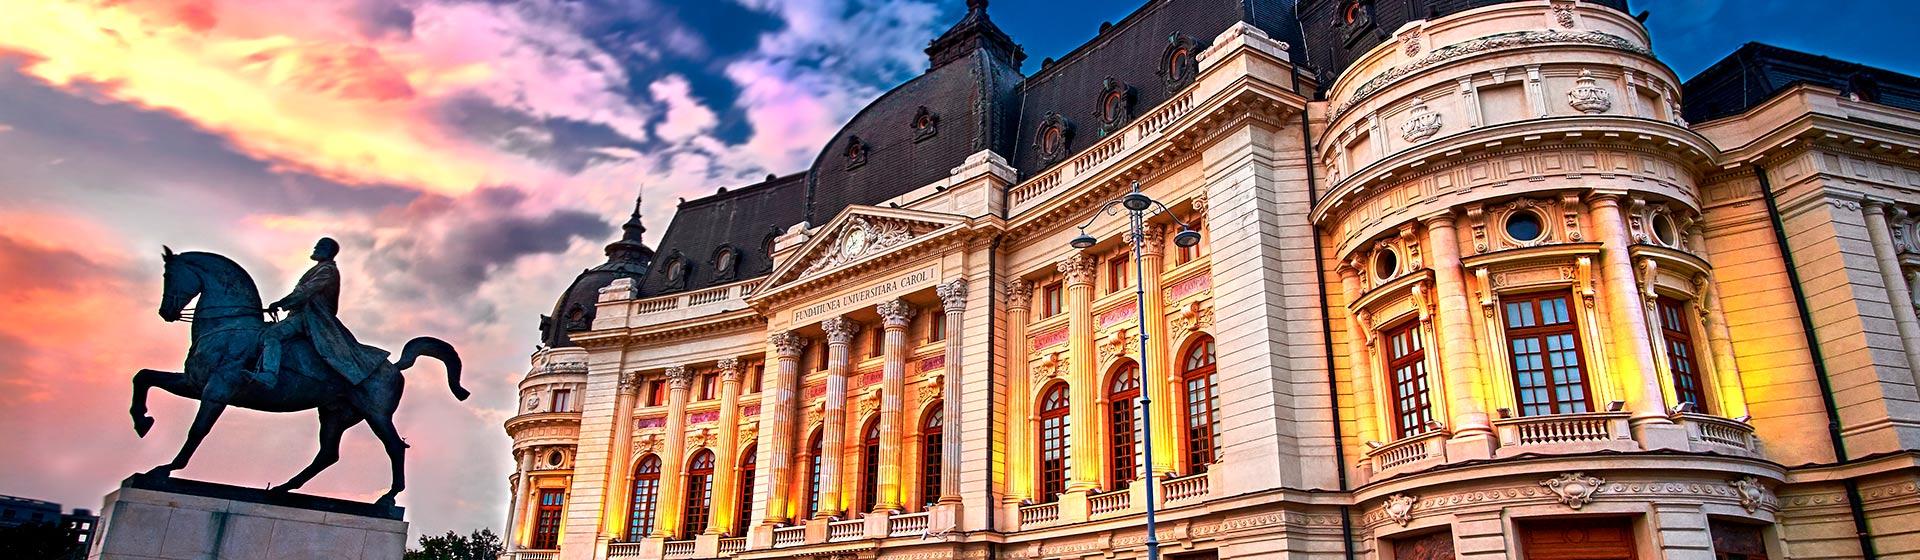 Ofertas de viajes a Rumanía